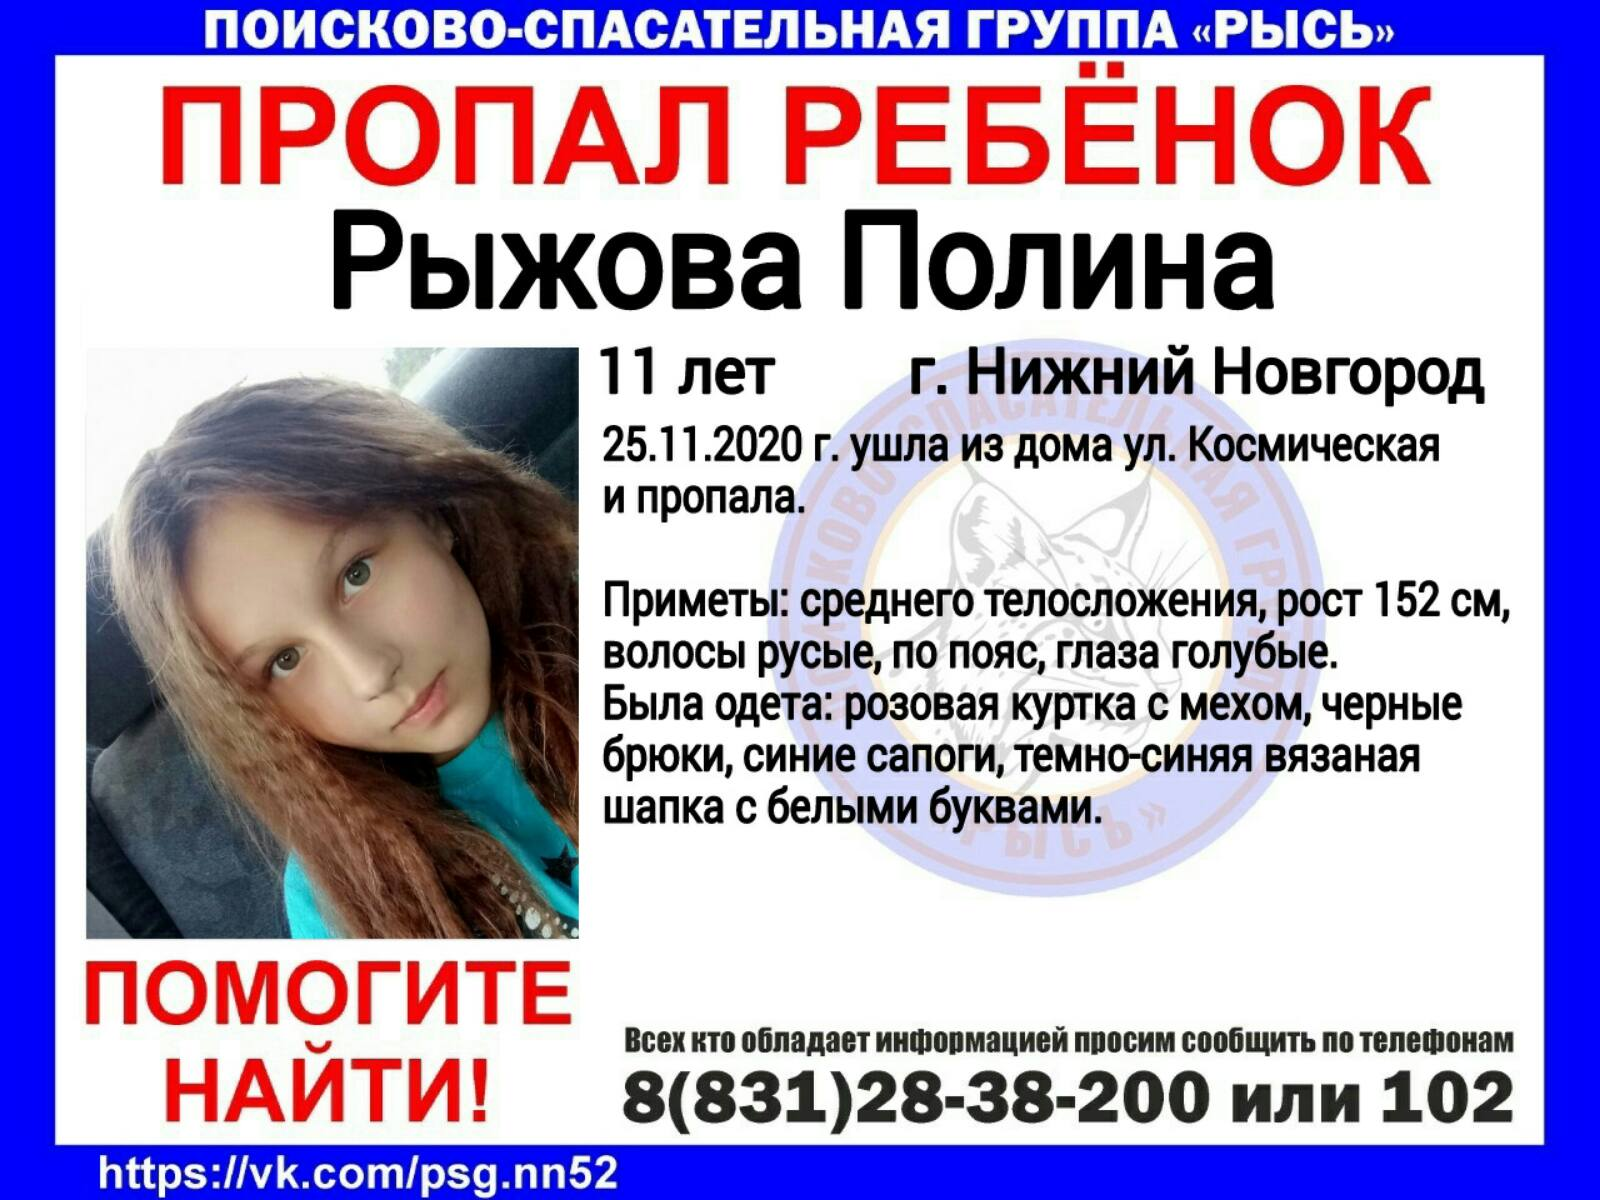 Рыжова Полина, 11 лет, г. Нижний Новгород